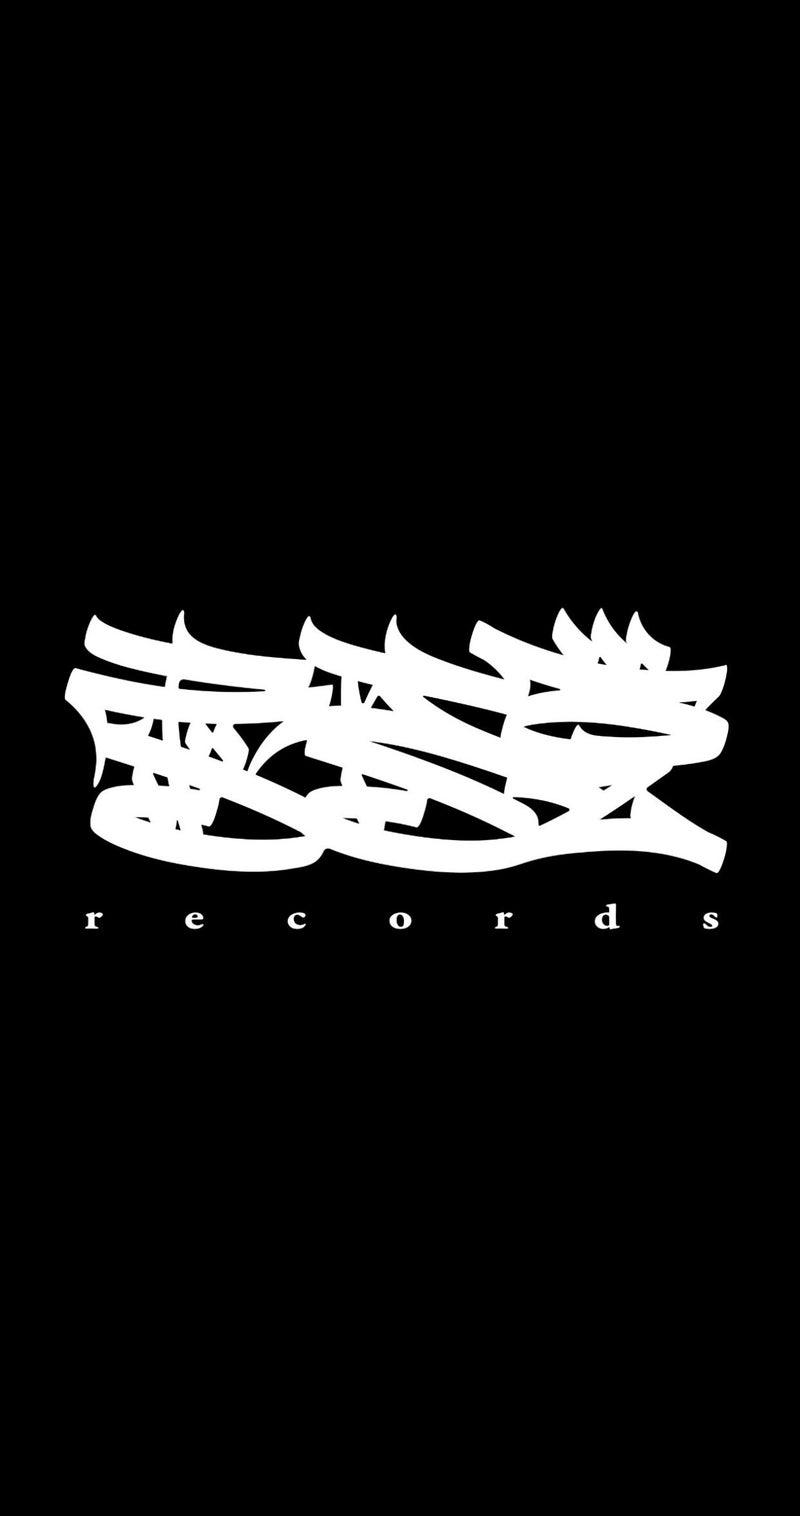 雷音堂records